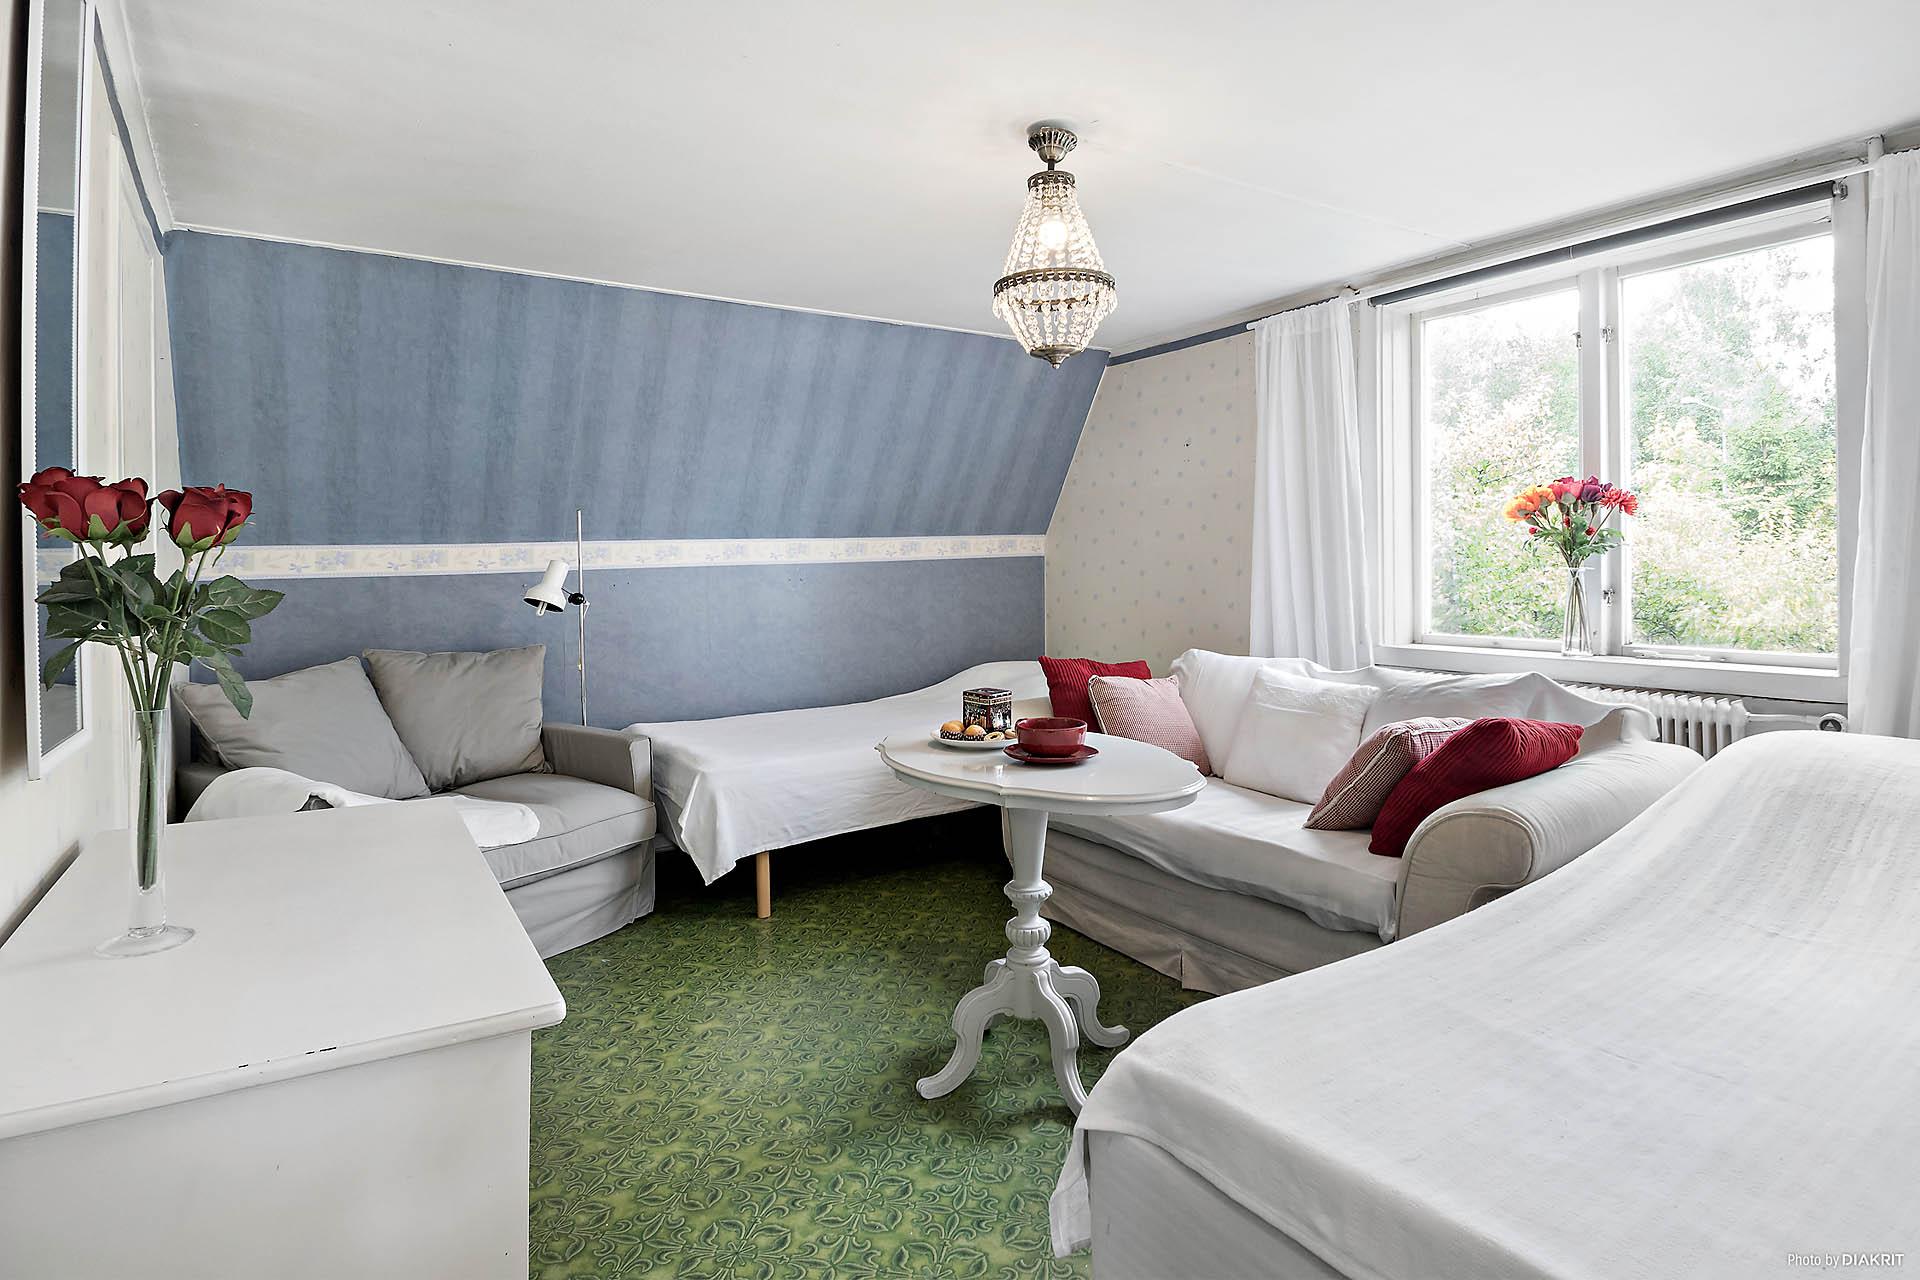 Extra sovrum med plats för två sängar, soffa, fåtölj och flertalet garderober